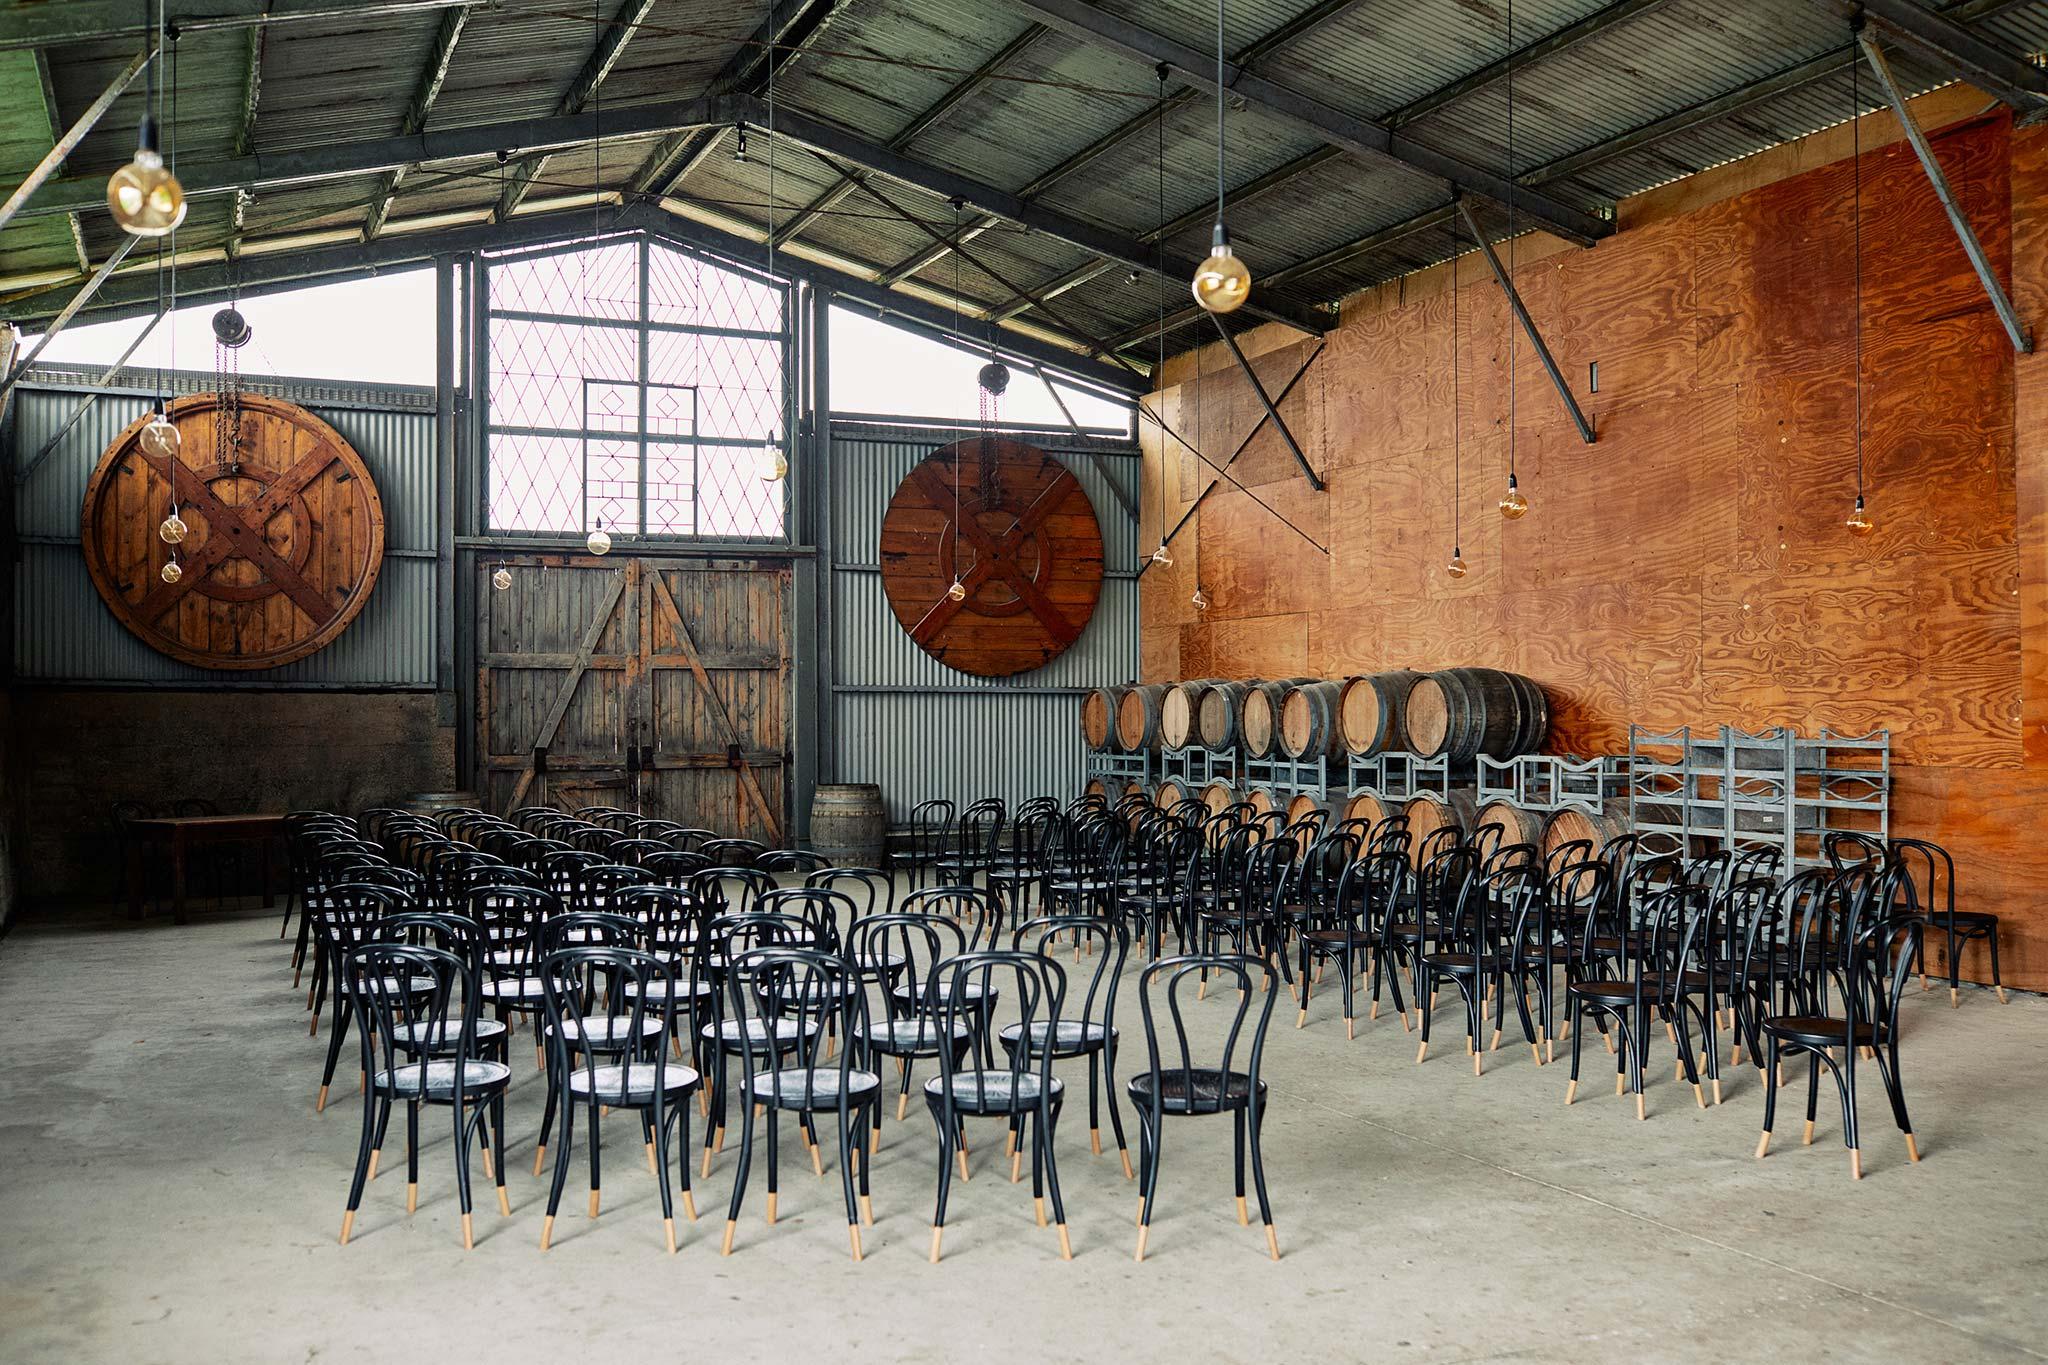 Zonzo estate wedding barn ceremony